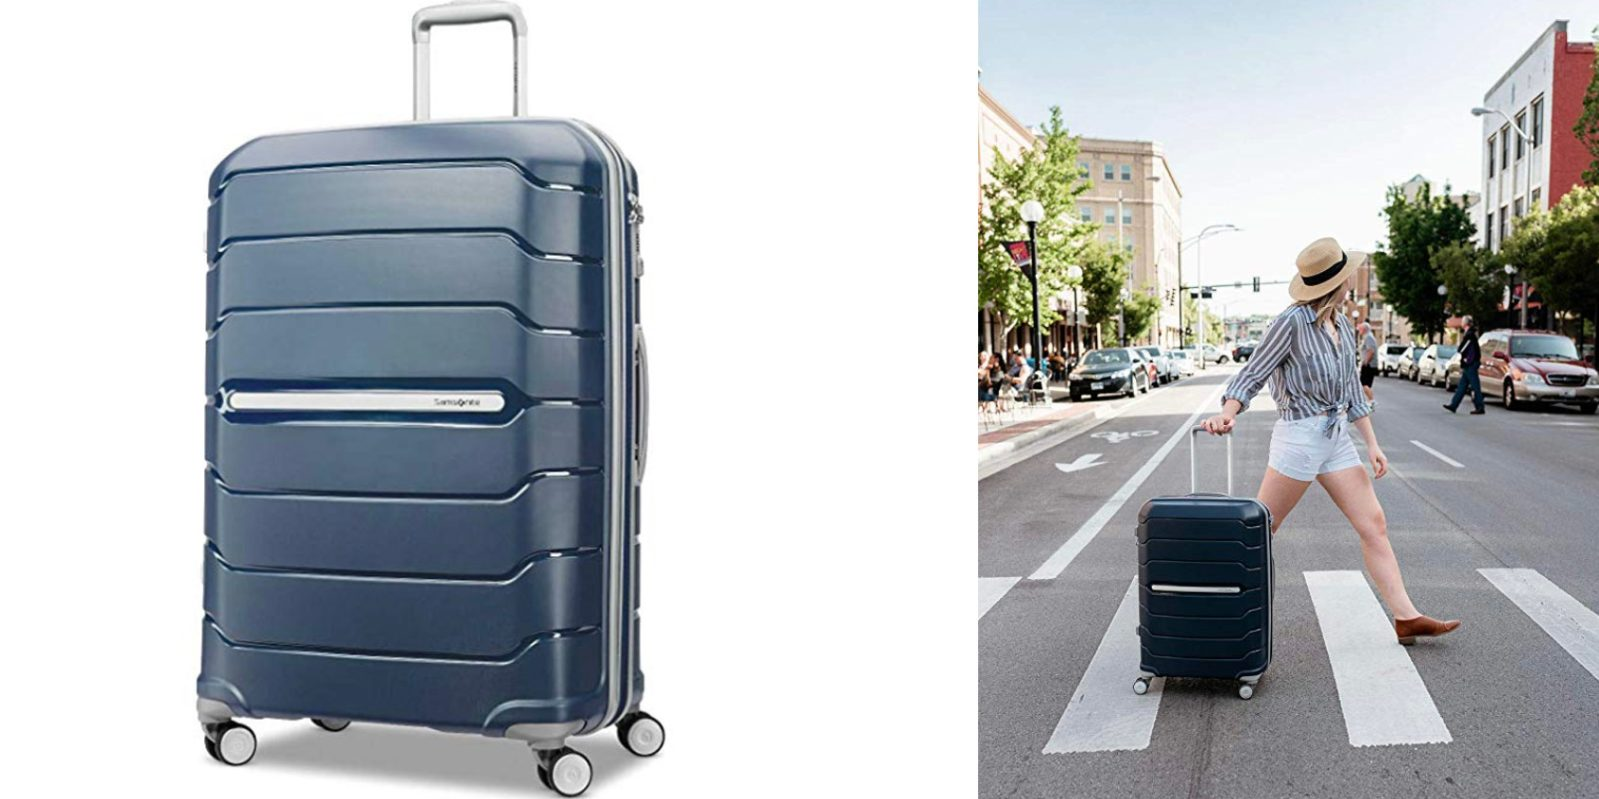 Samsonite Freeform Large Luggage for $135 shipped at Amazon (Reg. $199)